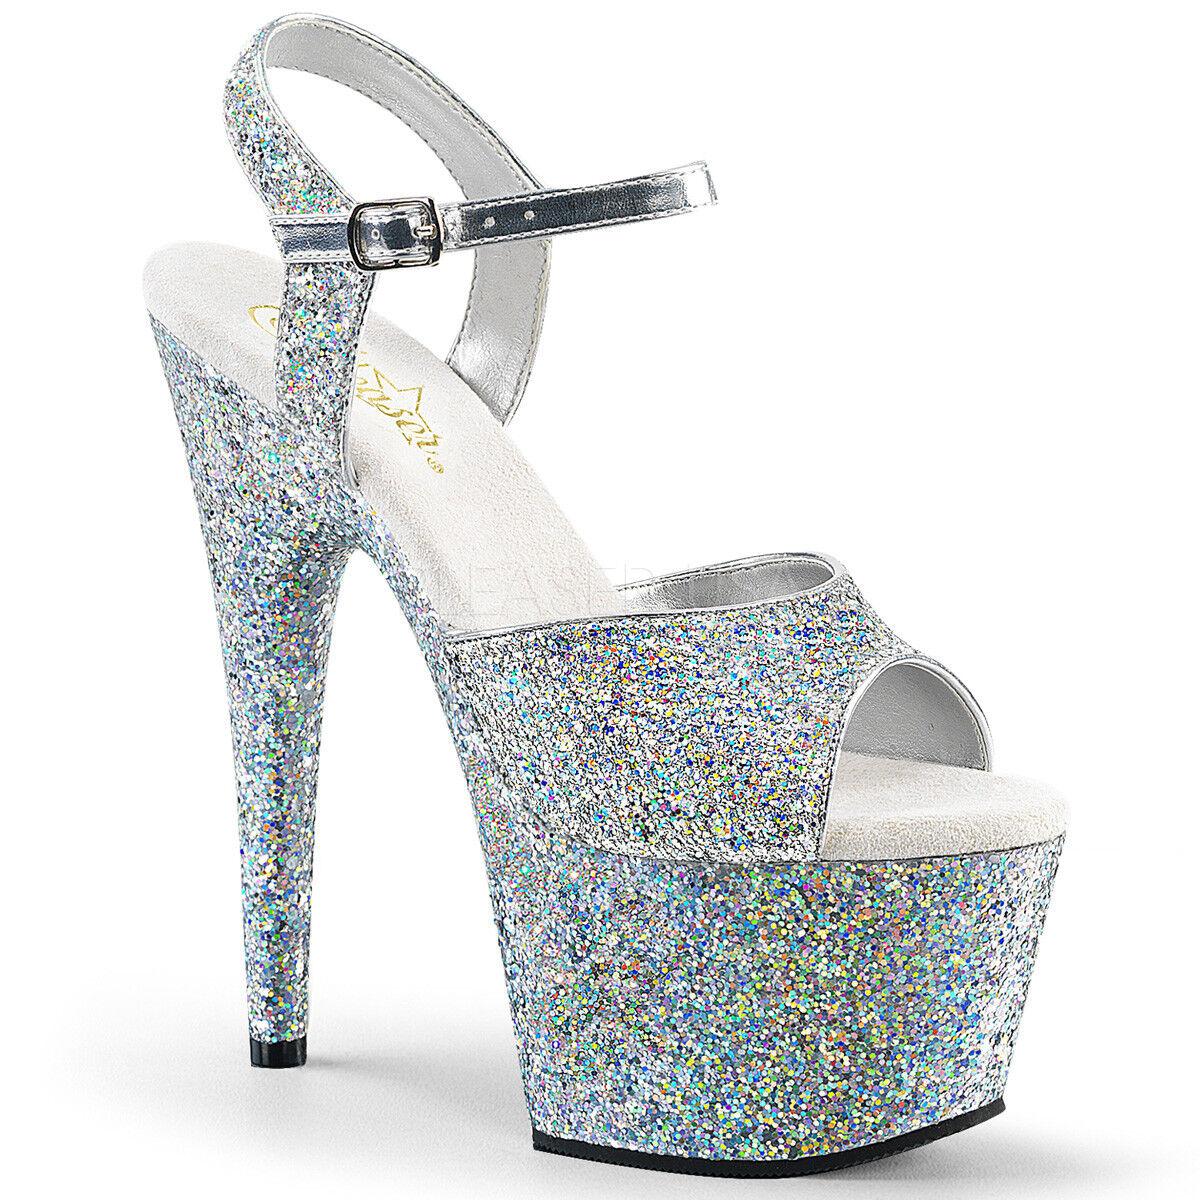 7  Silber Silber Silber Glitter Platform Pole Dancer Stripper Heels Pleaser schuhe Adore 7 8 9 d2b8d5